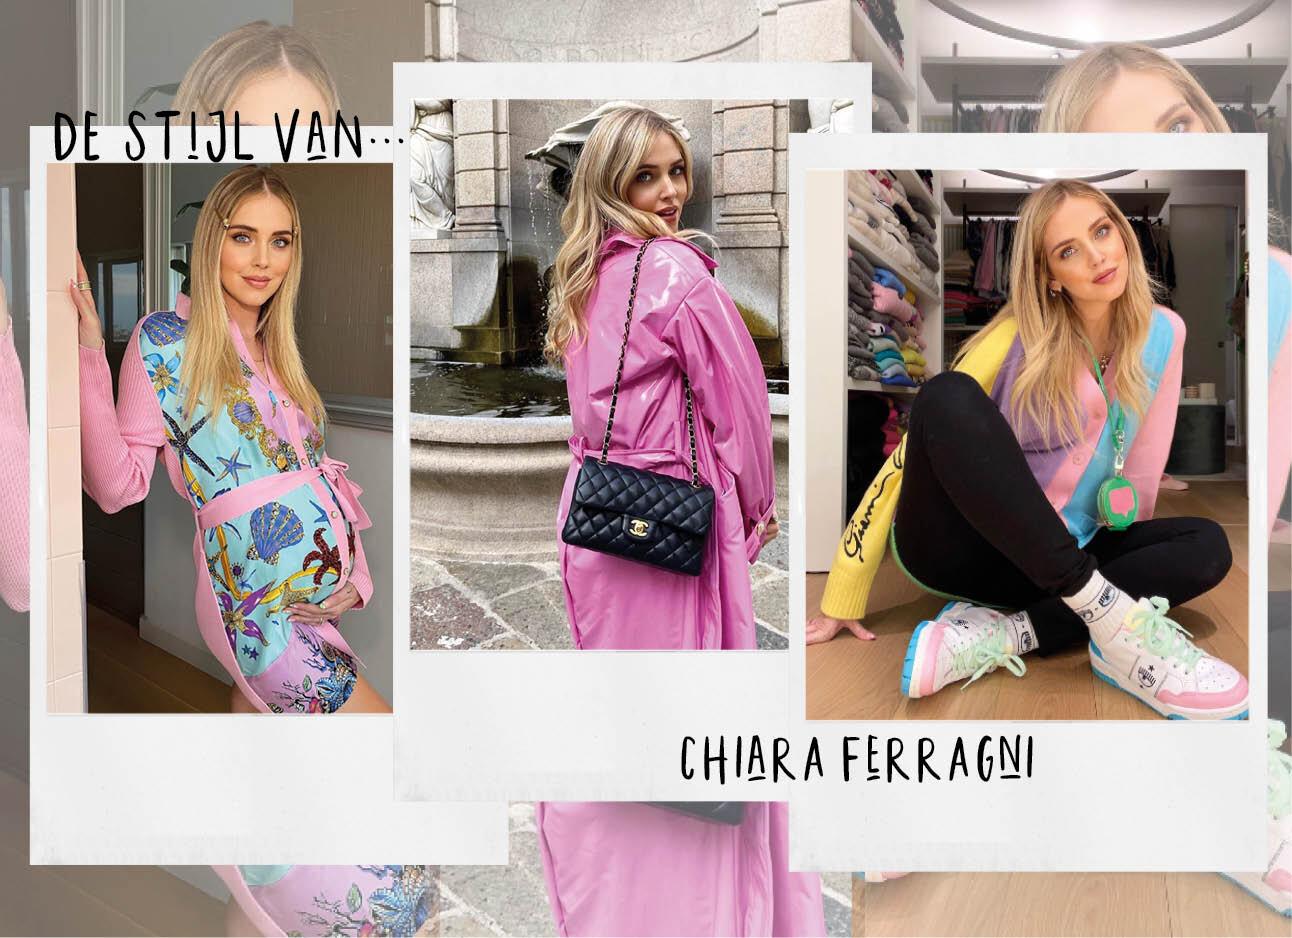 De stijl van… Chiara Ferragni